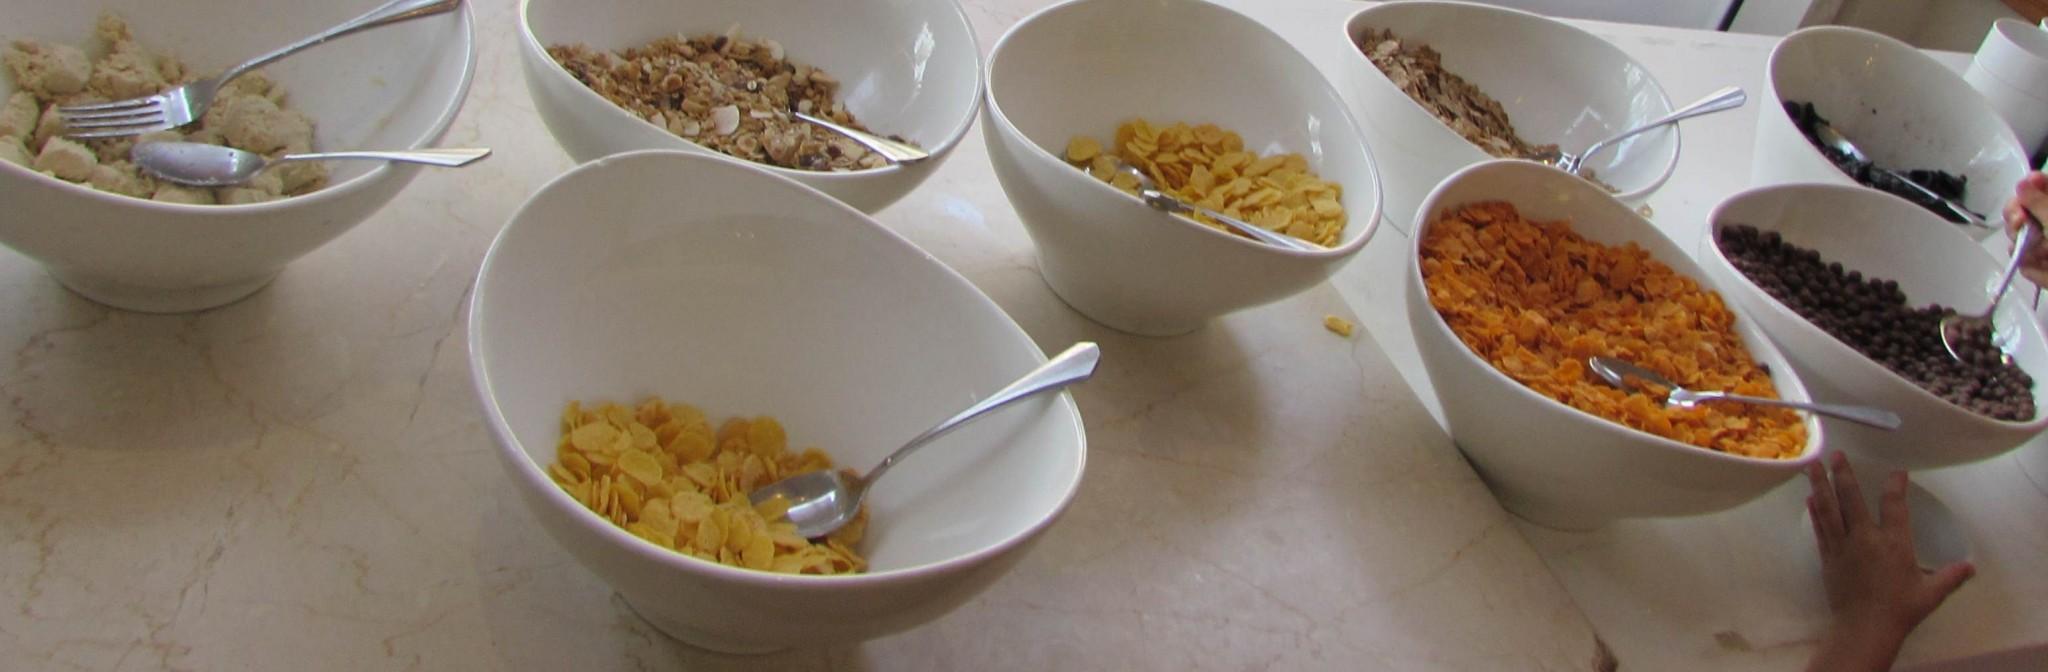 קורנפלקס ארוחת בוקר מלון הנסיכה אילת